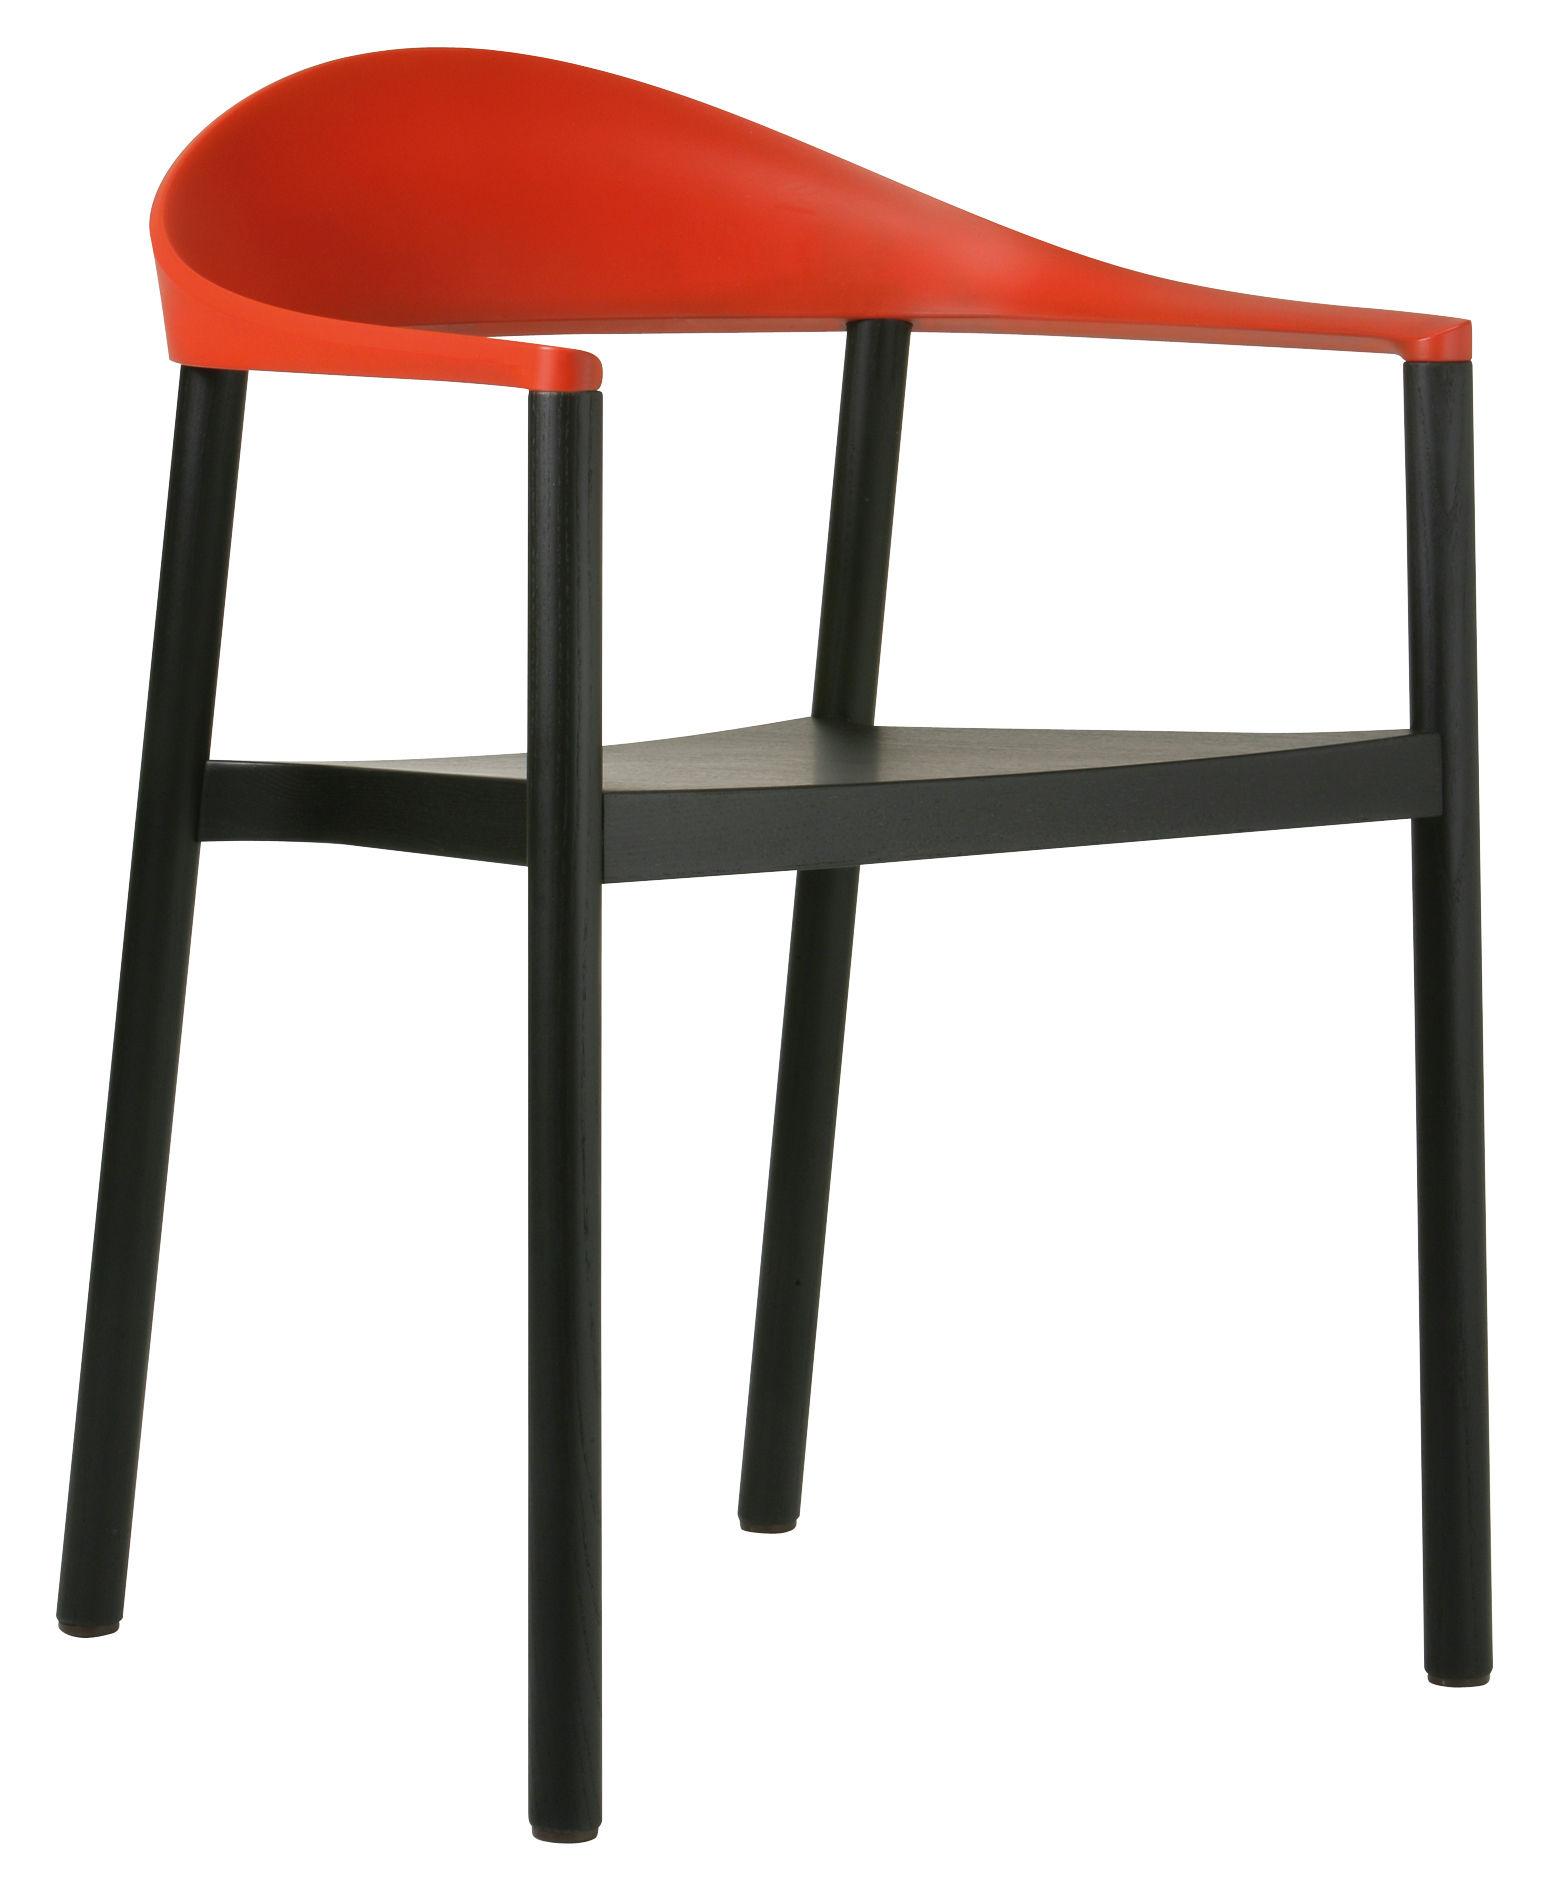 Mobilier - Chaises, fauteuils de salle à manger - Fauteuil empilable Monza / Plastique & bois peint - Plank - Noir / Dossier rouge - Frêne verni, Polypropylène